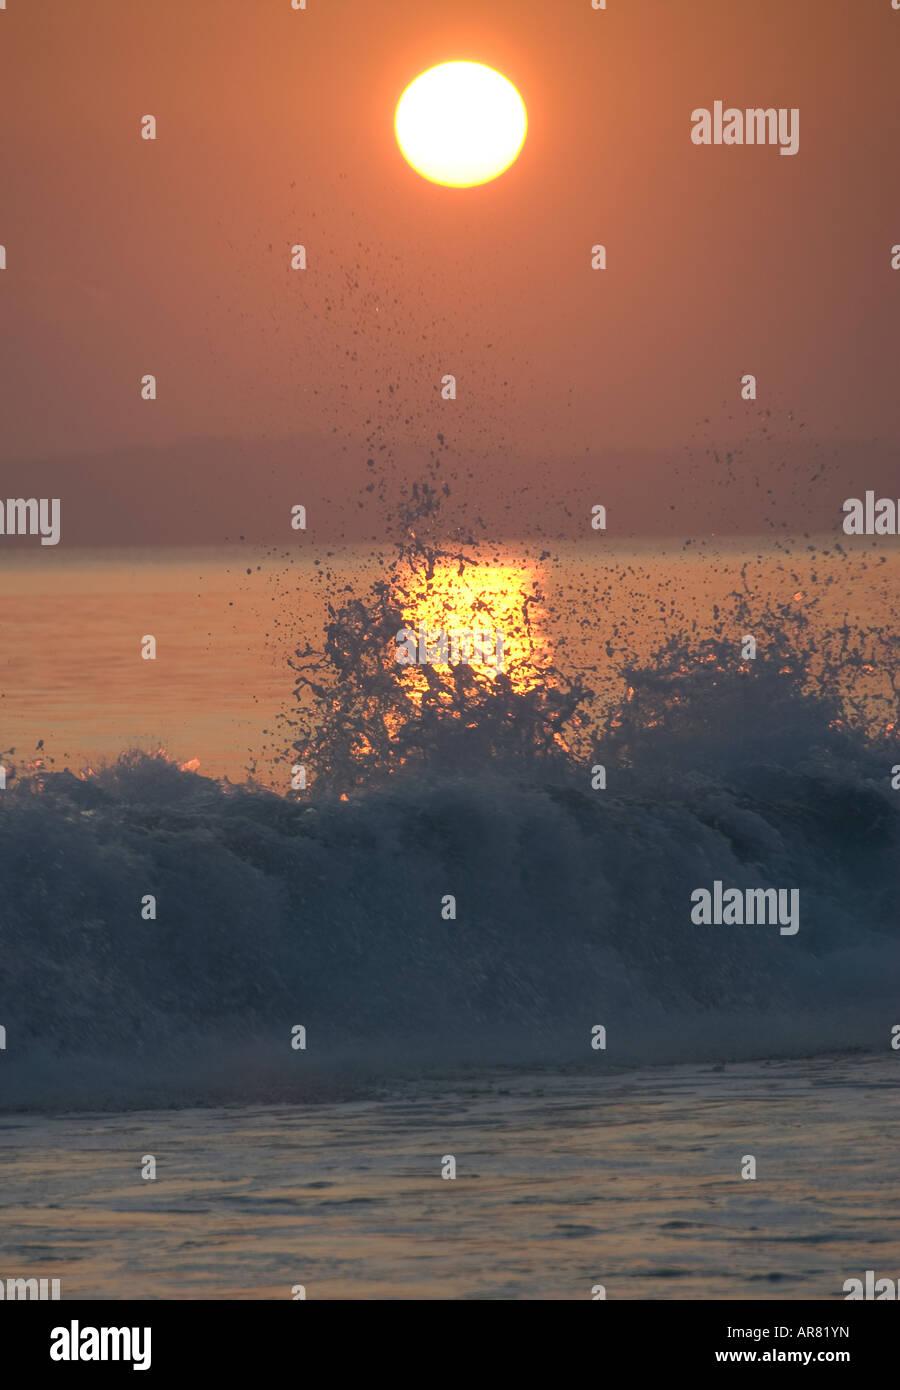 Sonnenuntergang und Welle brechen Stockbild